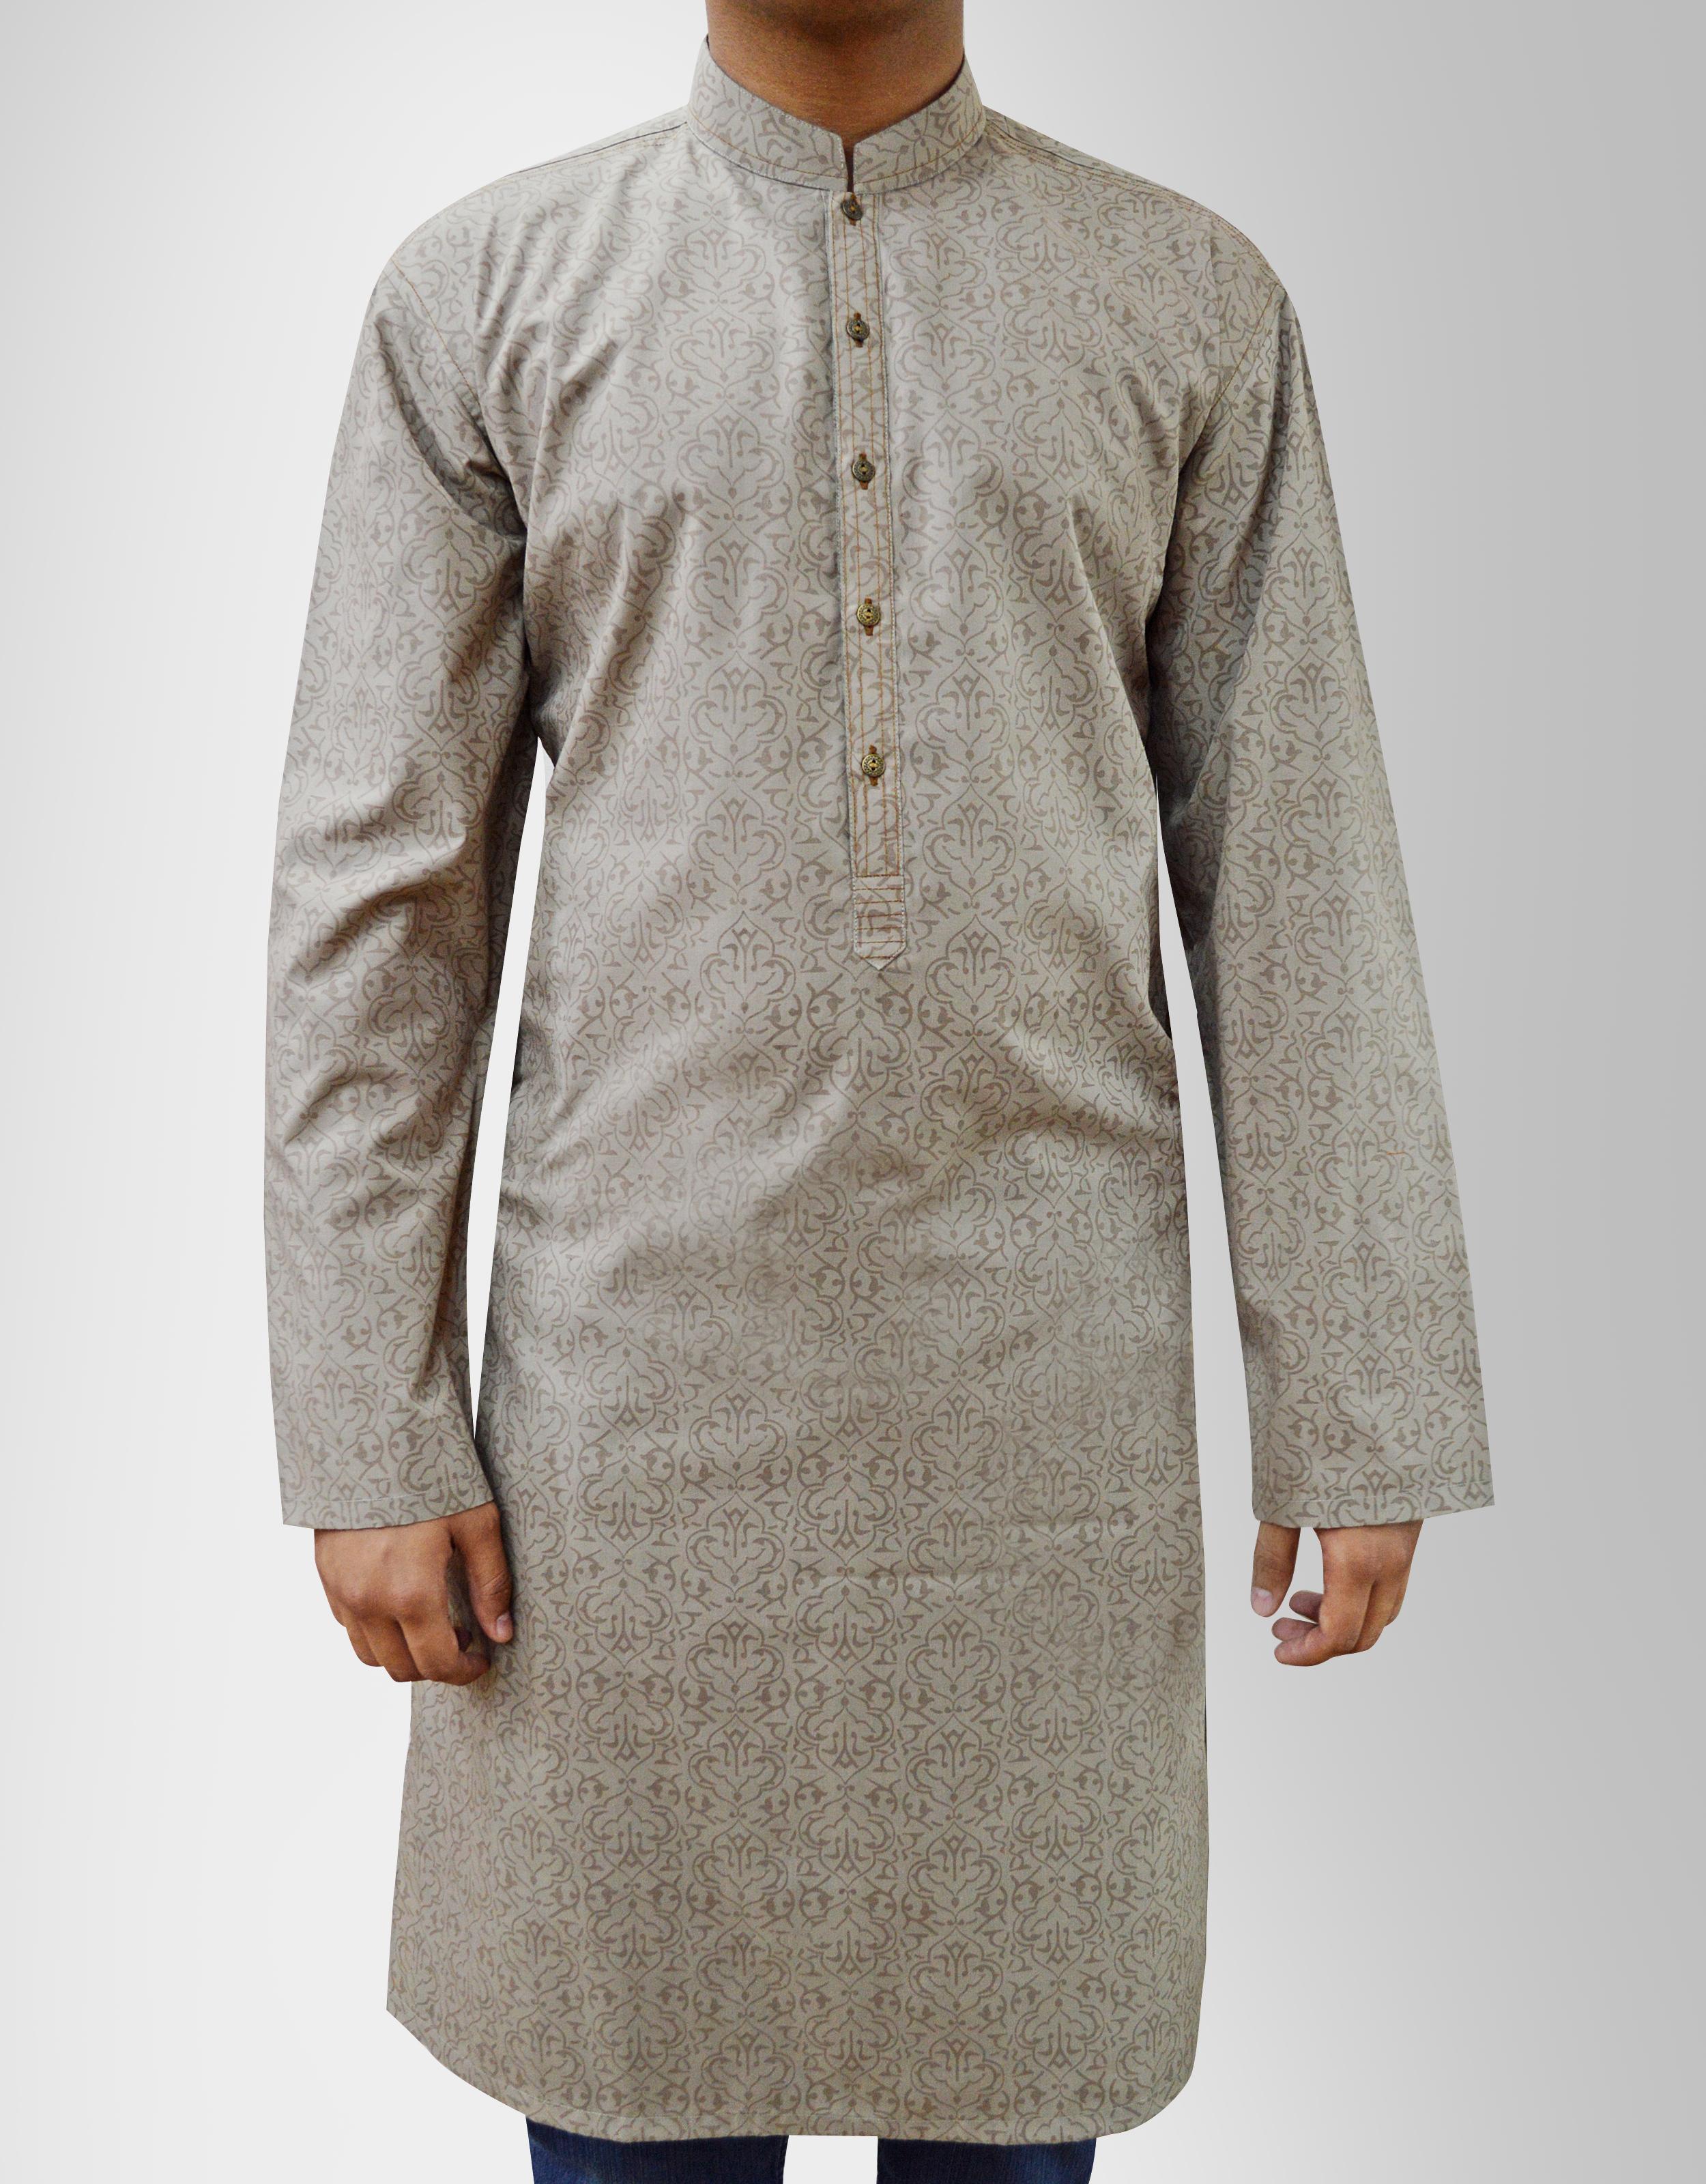 Amir-Adnan-winter-collection (9)